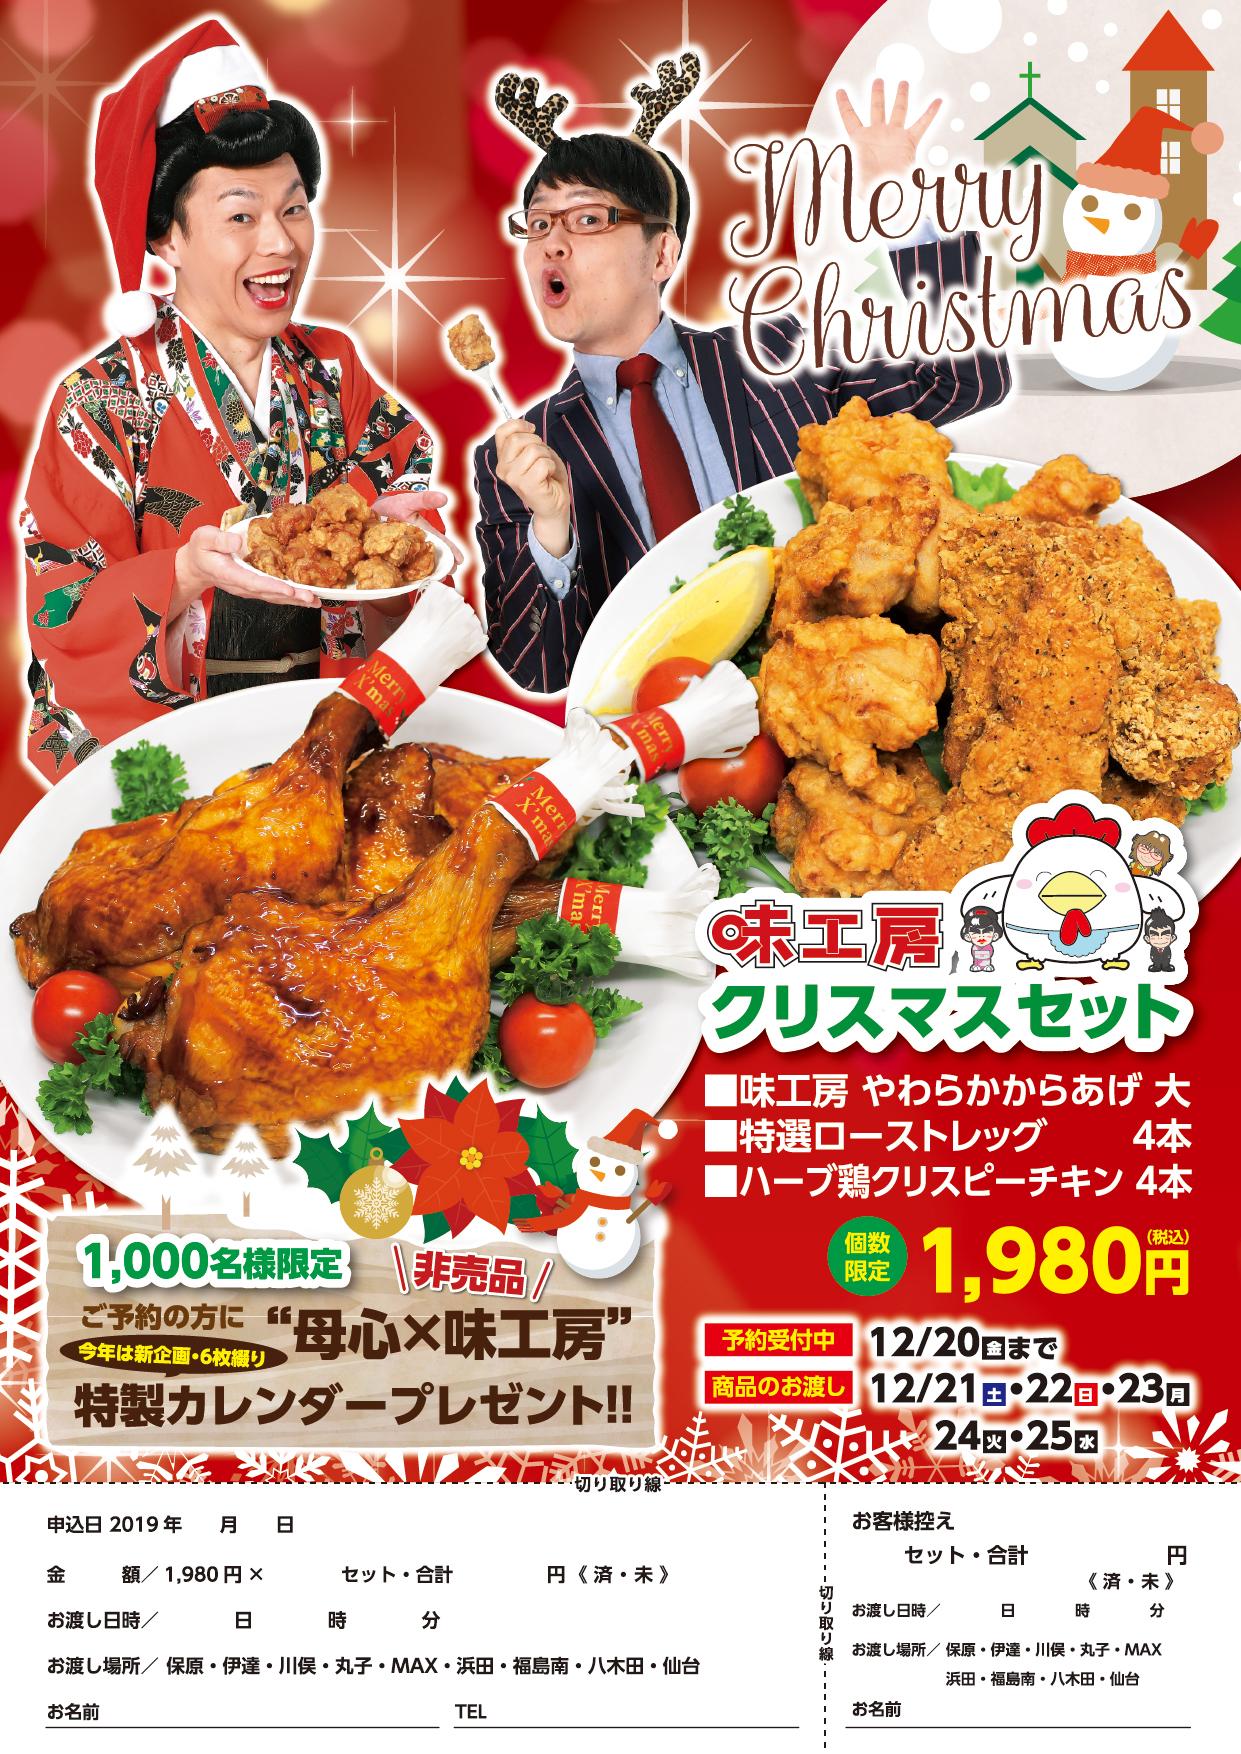 味工房クリスマスセット2019 予約受付中!